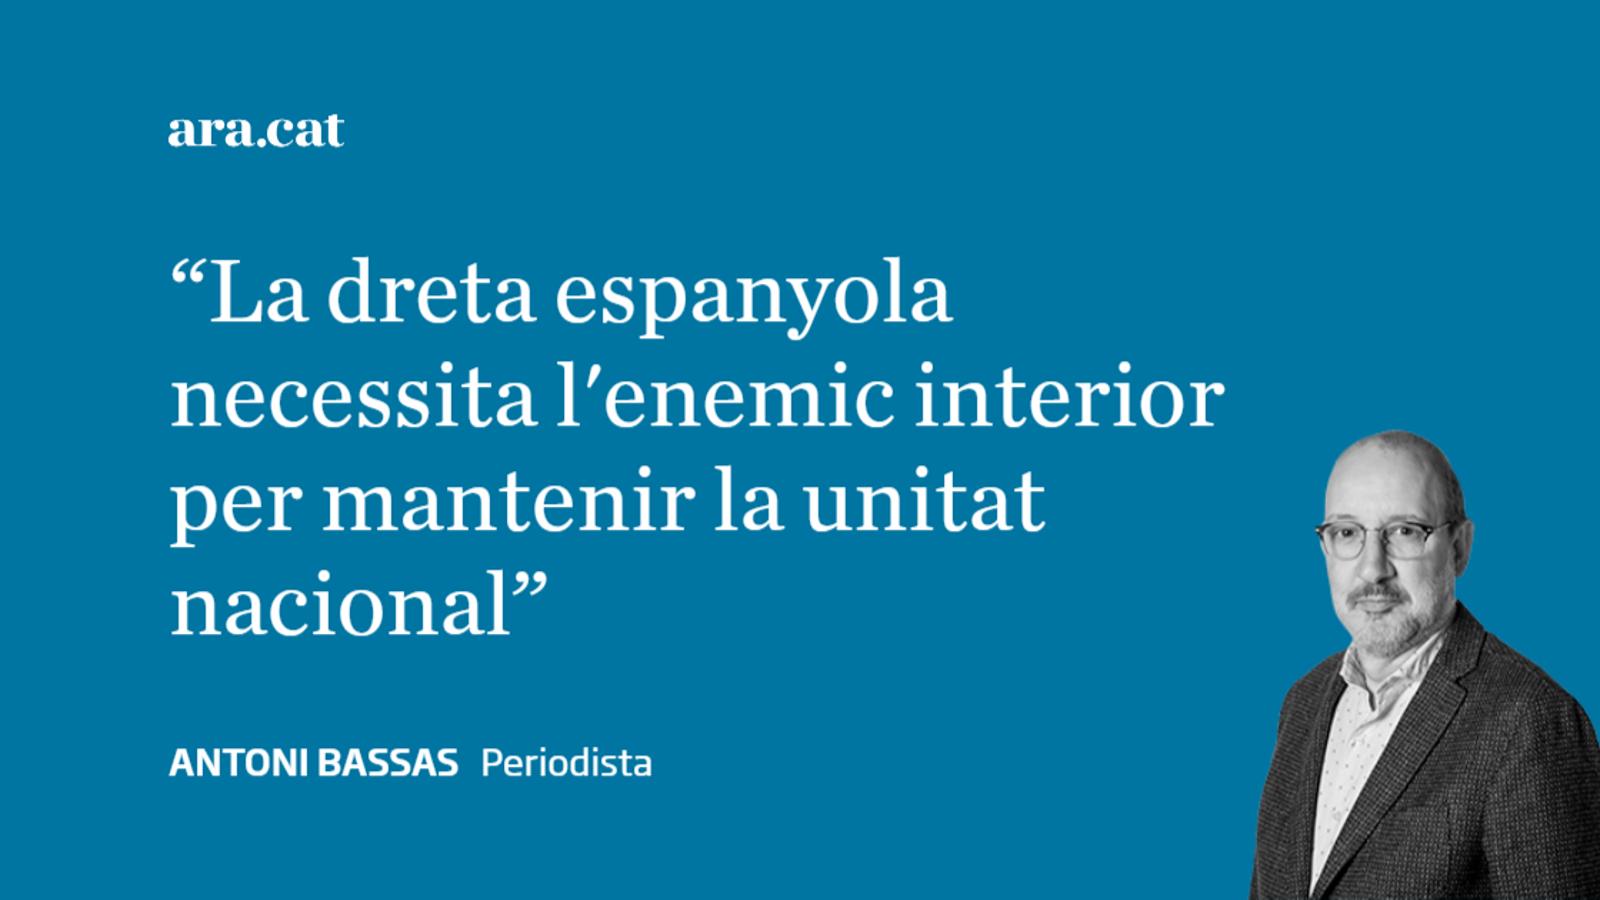 El Procés, ETA i la necessitat nacional d'un enemic